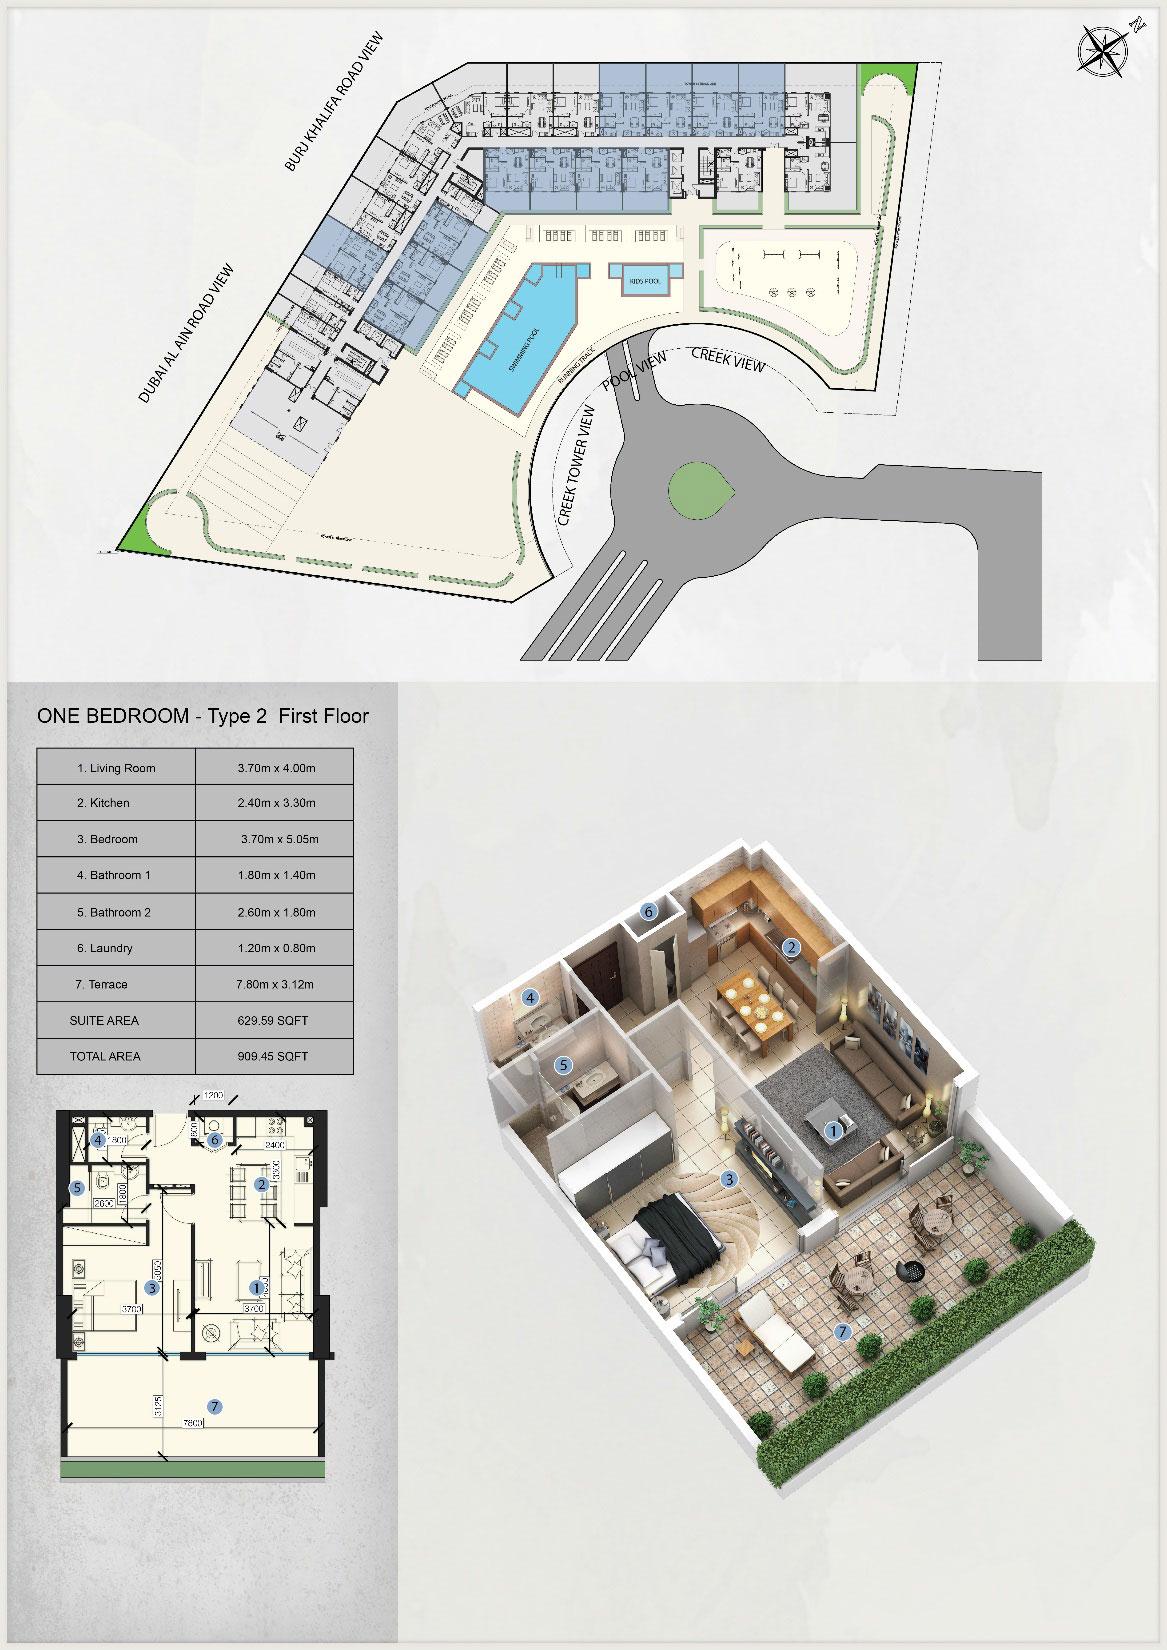 1-Bedroom-Type-2-First-Floor